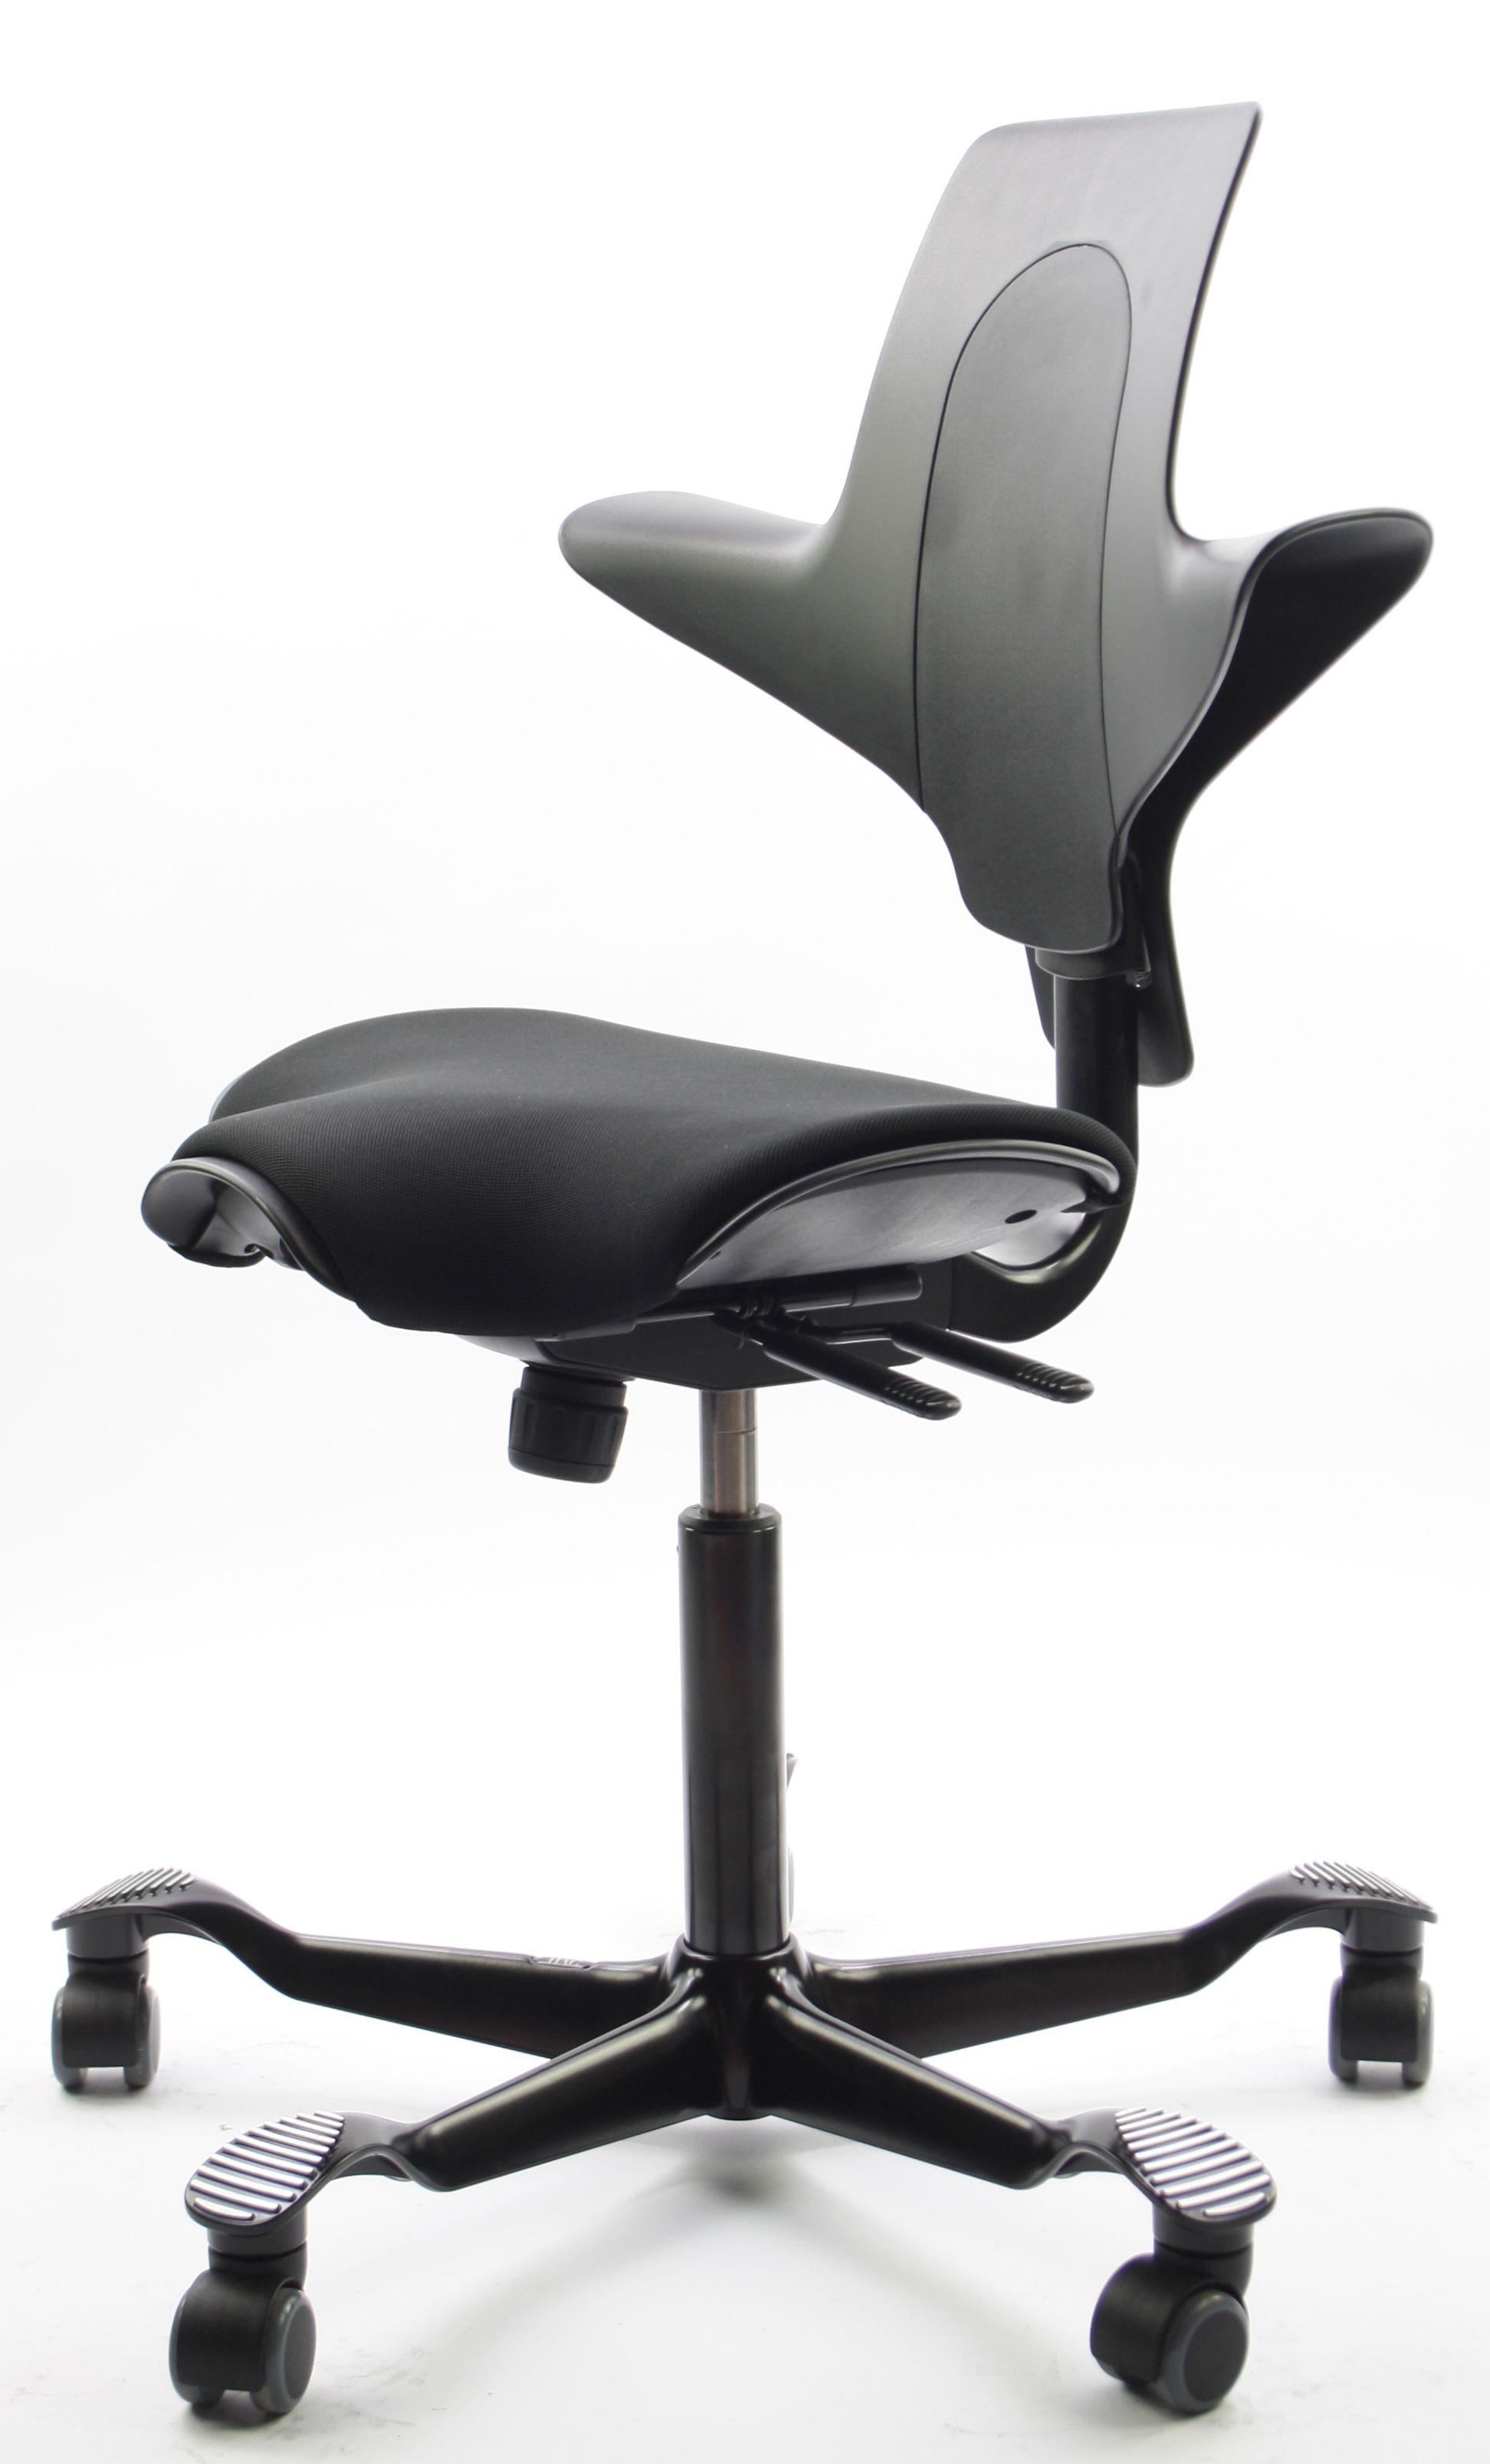 Hag Capisco Puls Kunststoffschale Burodrehstuhl Mit Sattelsitz Und Sitzmatte Modell 8020 Sofort Ab Lager Lieferbar B Office Chair Tantra Chair Geometry Design